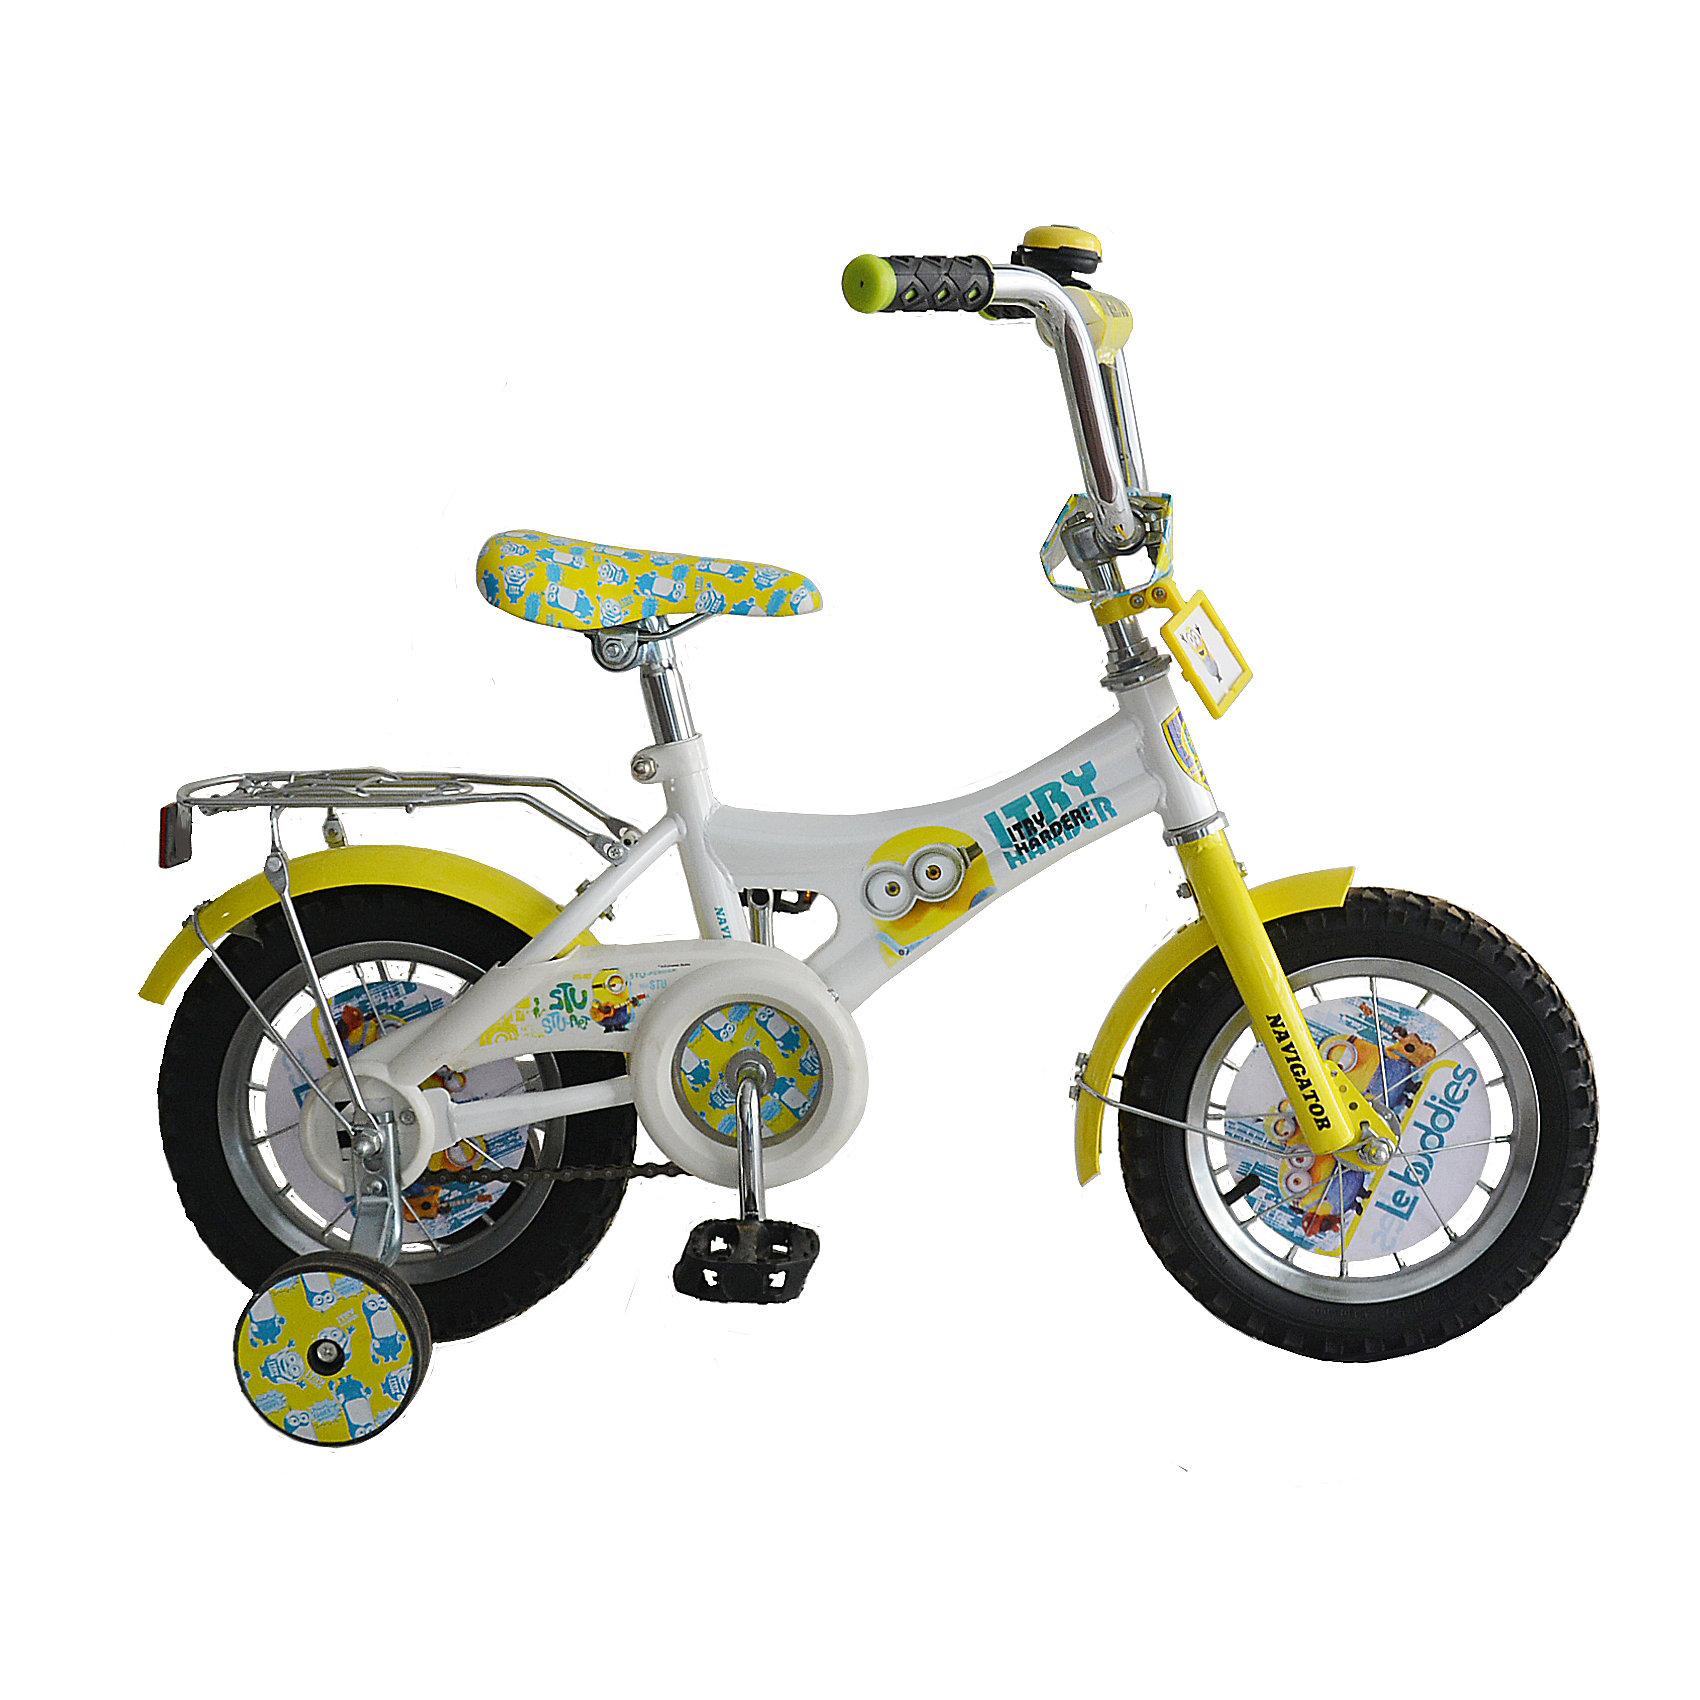 Велосипед, Гадкий Я, NavigatorВелосипед, Гадкий Я, Navigator (Навигатор) – эта модель велосипеда городского типа отлично подойдет как мальчикам, так и девочкам.<br>Велосипед для езды по пересеченной местности и городу, оформленный по мотивам популярного мультфильма Гадкий Я - отличный вариант первого транспортного средства для маленьких гонщиков. Рама велосипеда, выполненная из высокопрочного металла, подойдет как для девочек, так и для мальчиков. Покрытие рамы устойчиво к царапинам. Руль достаточно подвижный и позволяет быстро сориентироваться с управлением. Мягкая накладка на руле обеспечит небольшое смягчение при падении на руль. На ручках руля нескользящее покрытие. Велосипед имеет дополнительные широкие страховочные колеса, защиту цепи, стальные обода для защиты от брызг, удобное сиденье эргономичной формы, широкие педали, громкий звонок, задний багажник. Основные колеса декорированы яркими вставками. Сиденье и руль регулируются по высоте. Катание на велосипеде поможет ребенку укрепить опорно-двигательную и сердечнососудистую системы.<br><br>Дополнительная информация:<br><br>- Возрастная категория: 2,5 - 4 лет<br>- Подходит для детей ростом 85 - 110 см.<br>- Диаметр колес: 12 дюймов<br>- Односоставной шатун<br>- Тормоз: ножной<br>- Конструкция вилки: жесткая<br>- Материал рамы: сталь<br>- Вес велосипеда: 8,9 кг.<br><br>Велосипед, Гадкий Я, Navigator (Навигатор) можно купить в нашем интернет-магазине.<br><br>Ширина мм: 700<br>Глубина мм: 165<br>Высота мм: 325<br>Вес г: 9500<br>Возраст от месяцев: 300<br>Возраст до месяцев: 84<br>Пол: Унисекс<br>Возраст: Детский<br>SKU: 4655076